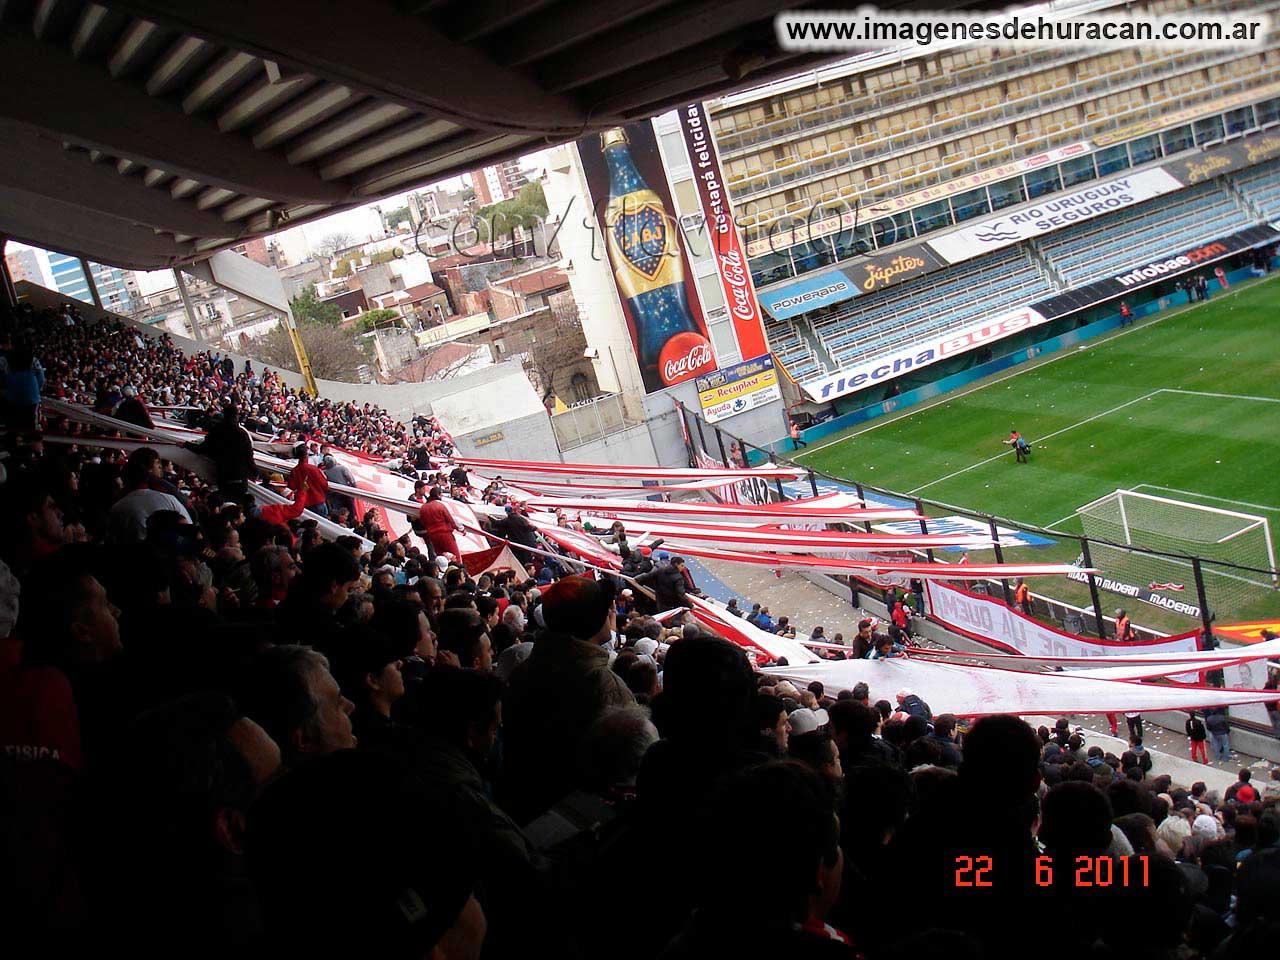 Huracán vs gelp desempate 2011 bombonera